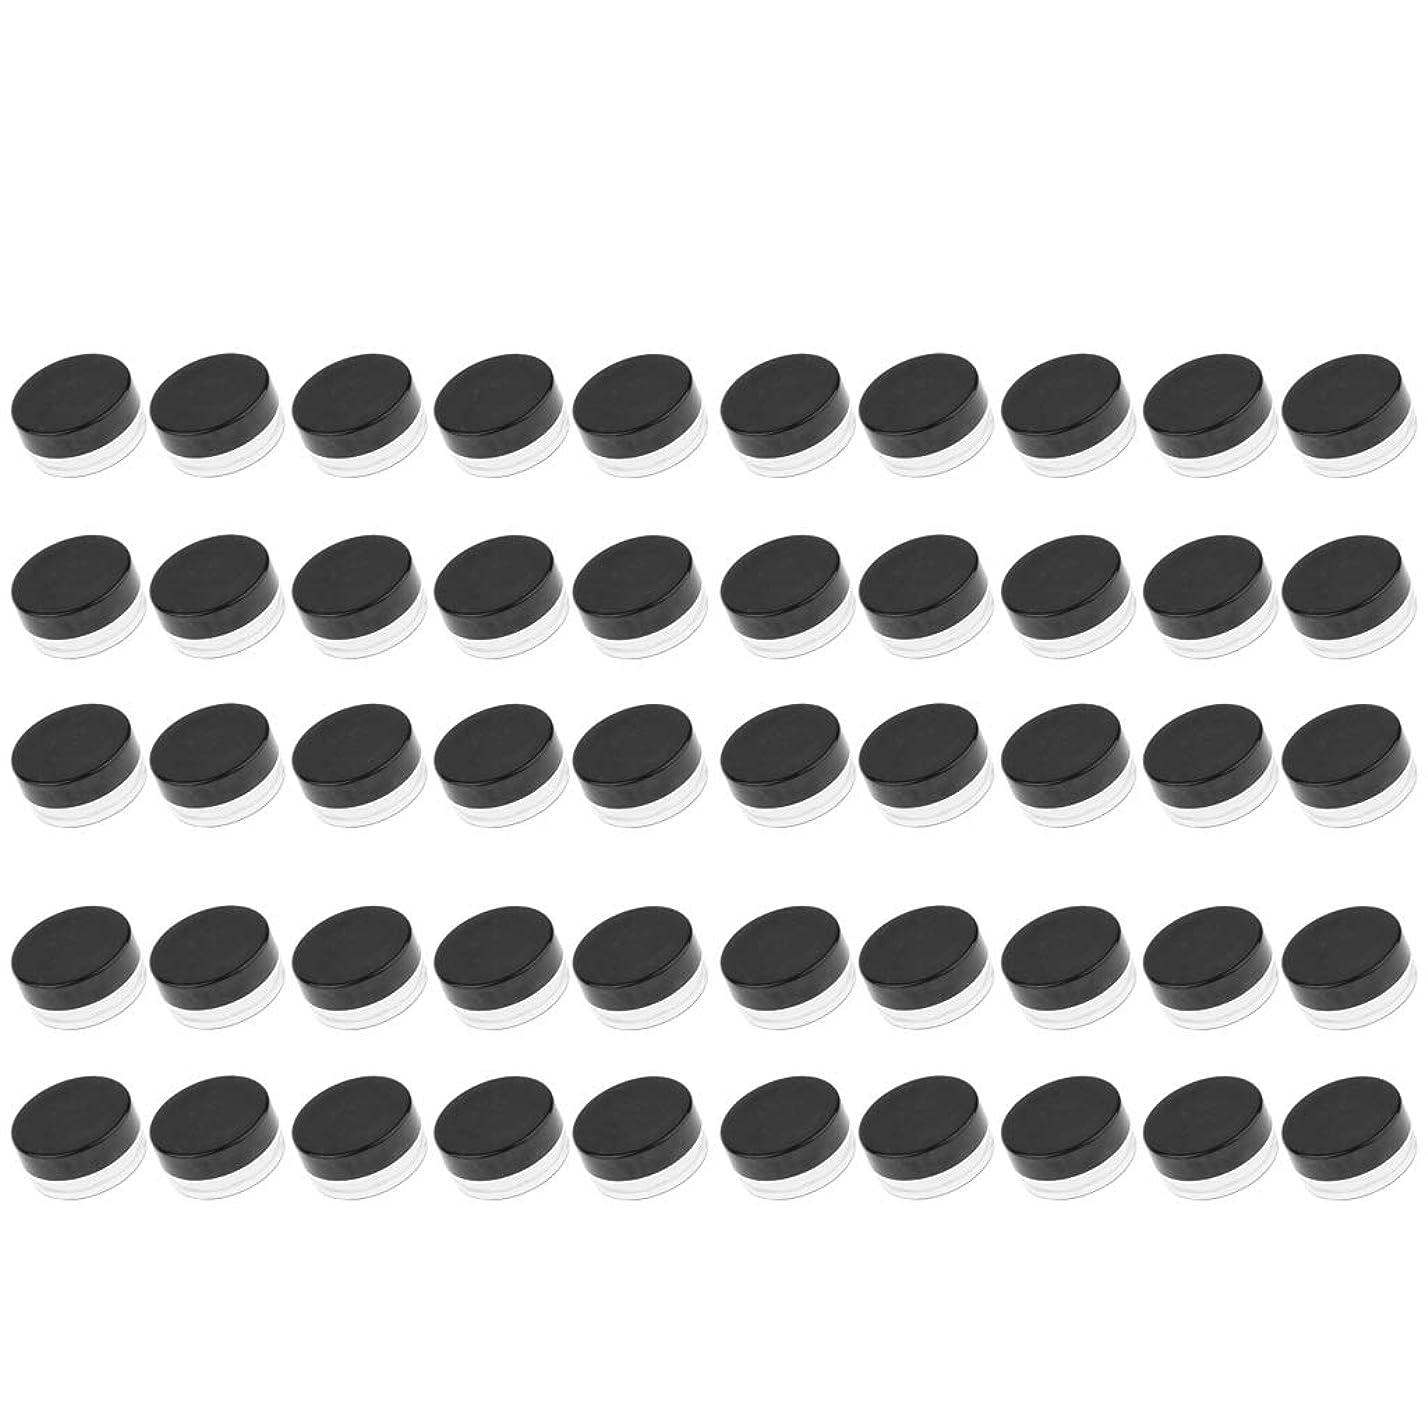 解放するピケ暴君D DOLITY 50個 クリームジャー クリームケース プラスチック 化粧品 詰替え 容器 旅行用 小分け 3g - ブラック